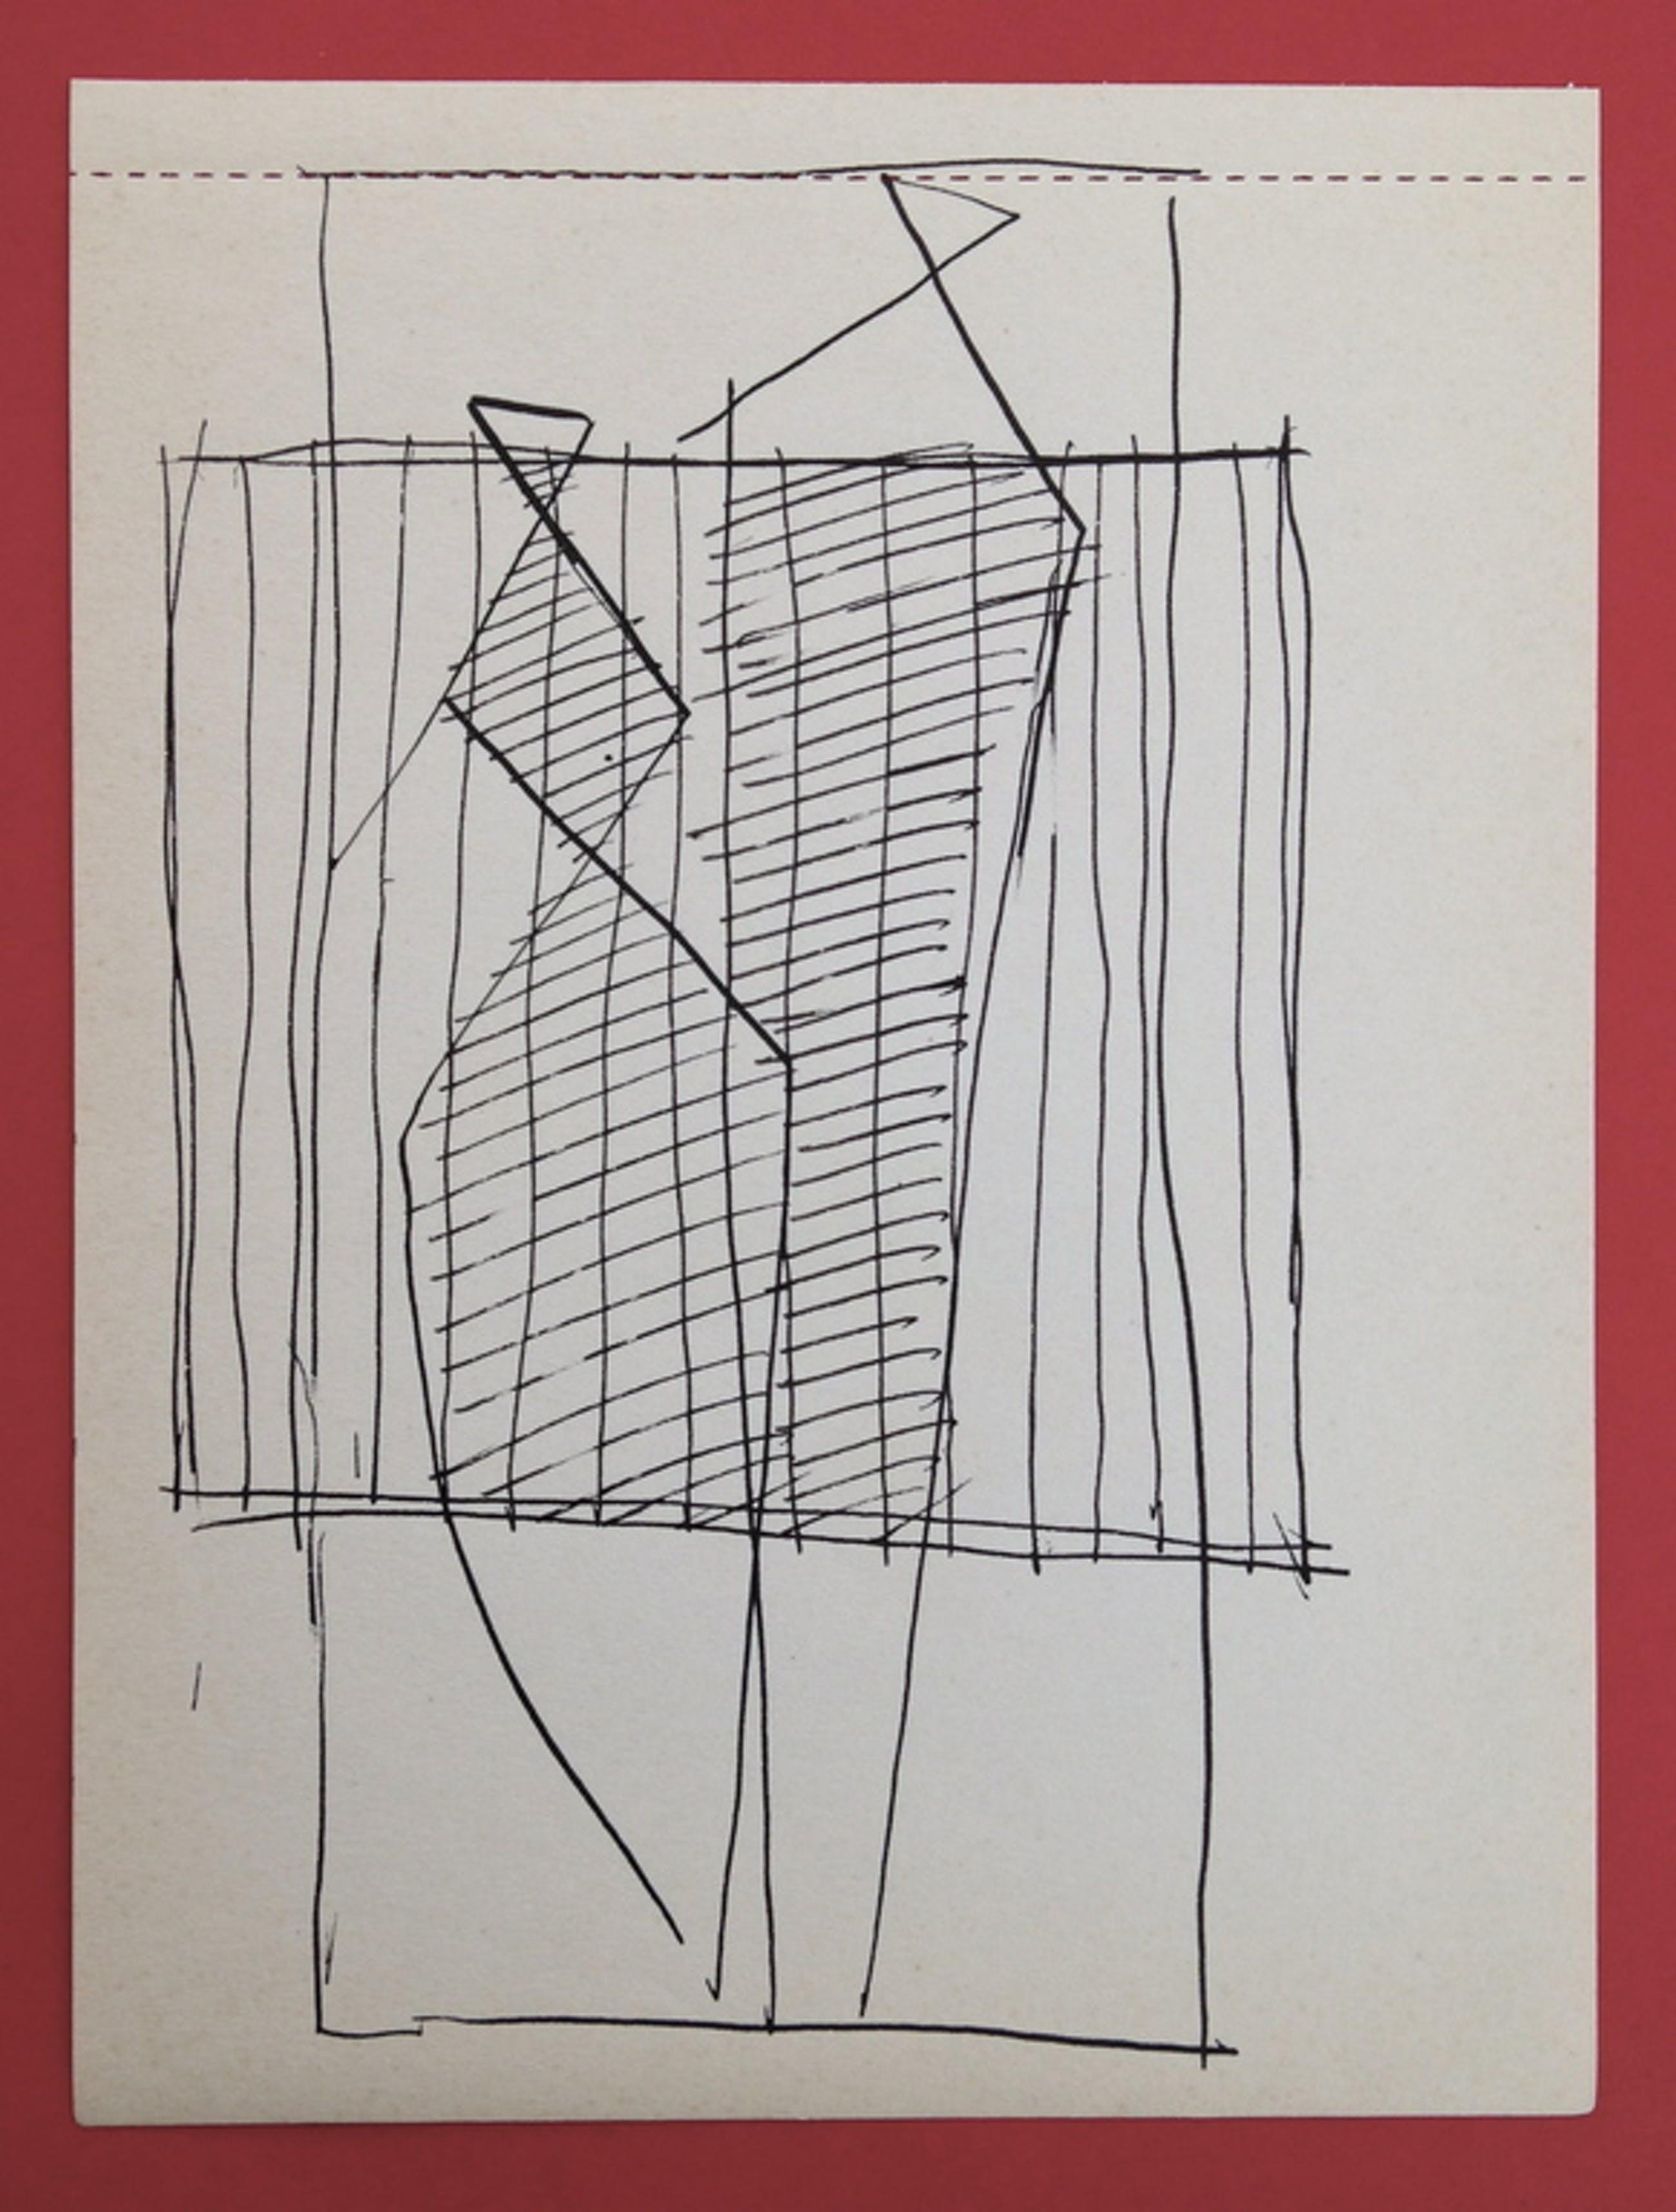 Siep van den Berg, Originele tekening uit 1956, '2 Figuren' kopen? Bied vanaf 1!